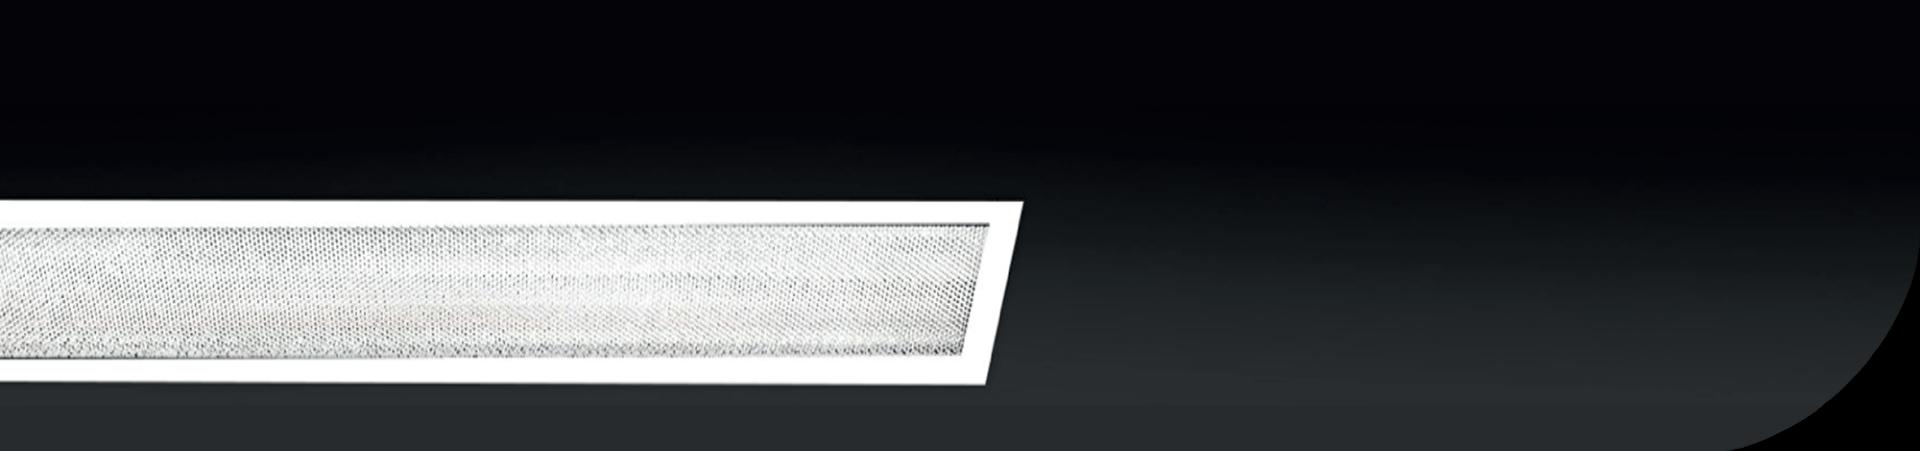 Vice - L6 Linear Lenses